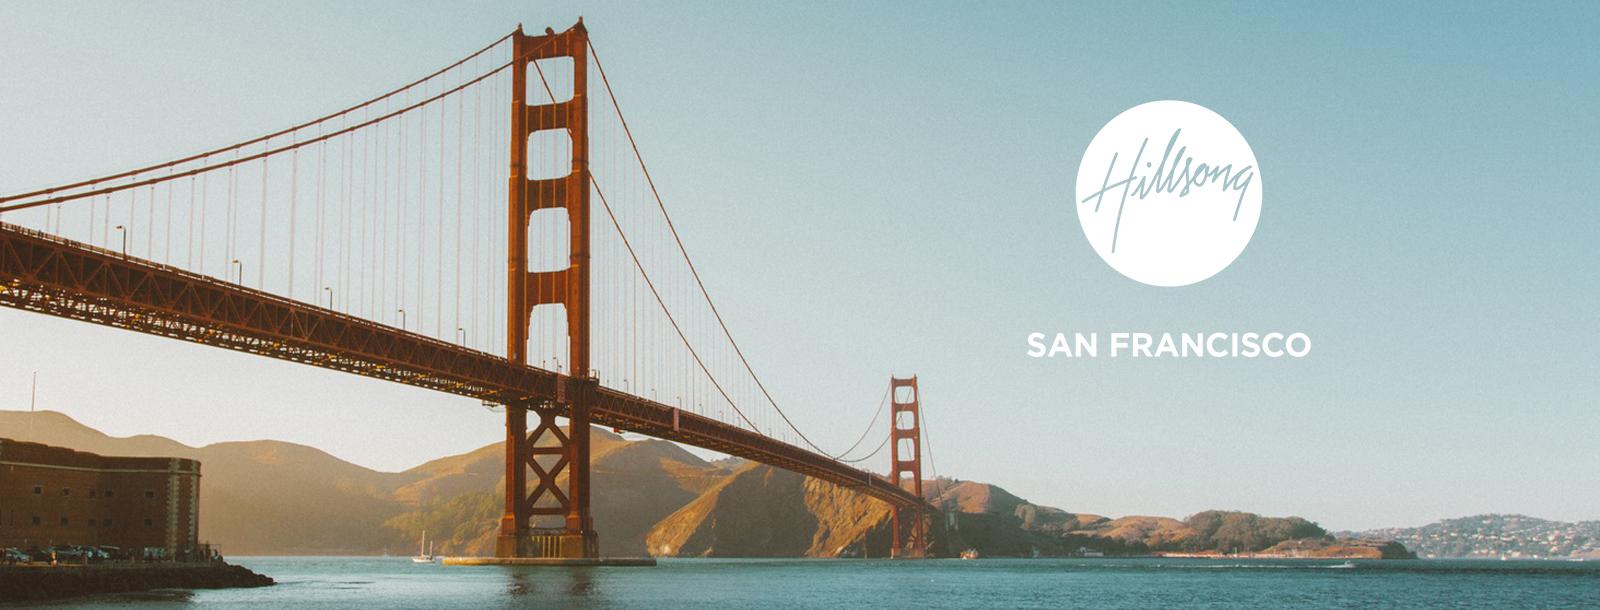 Hillsong San Francisco